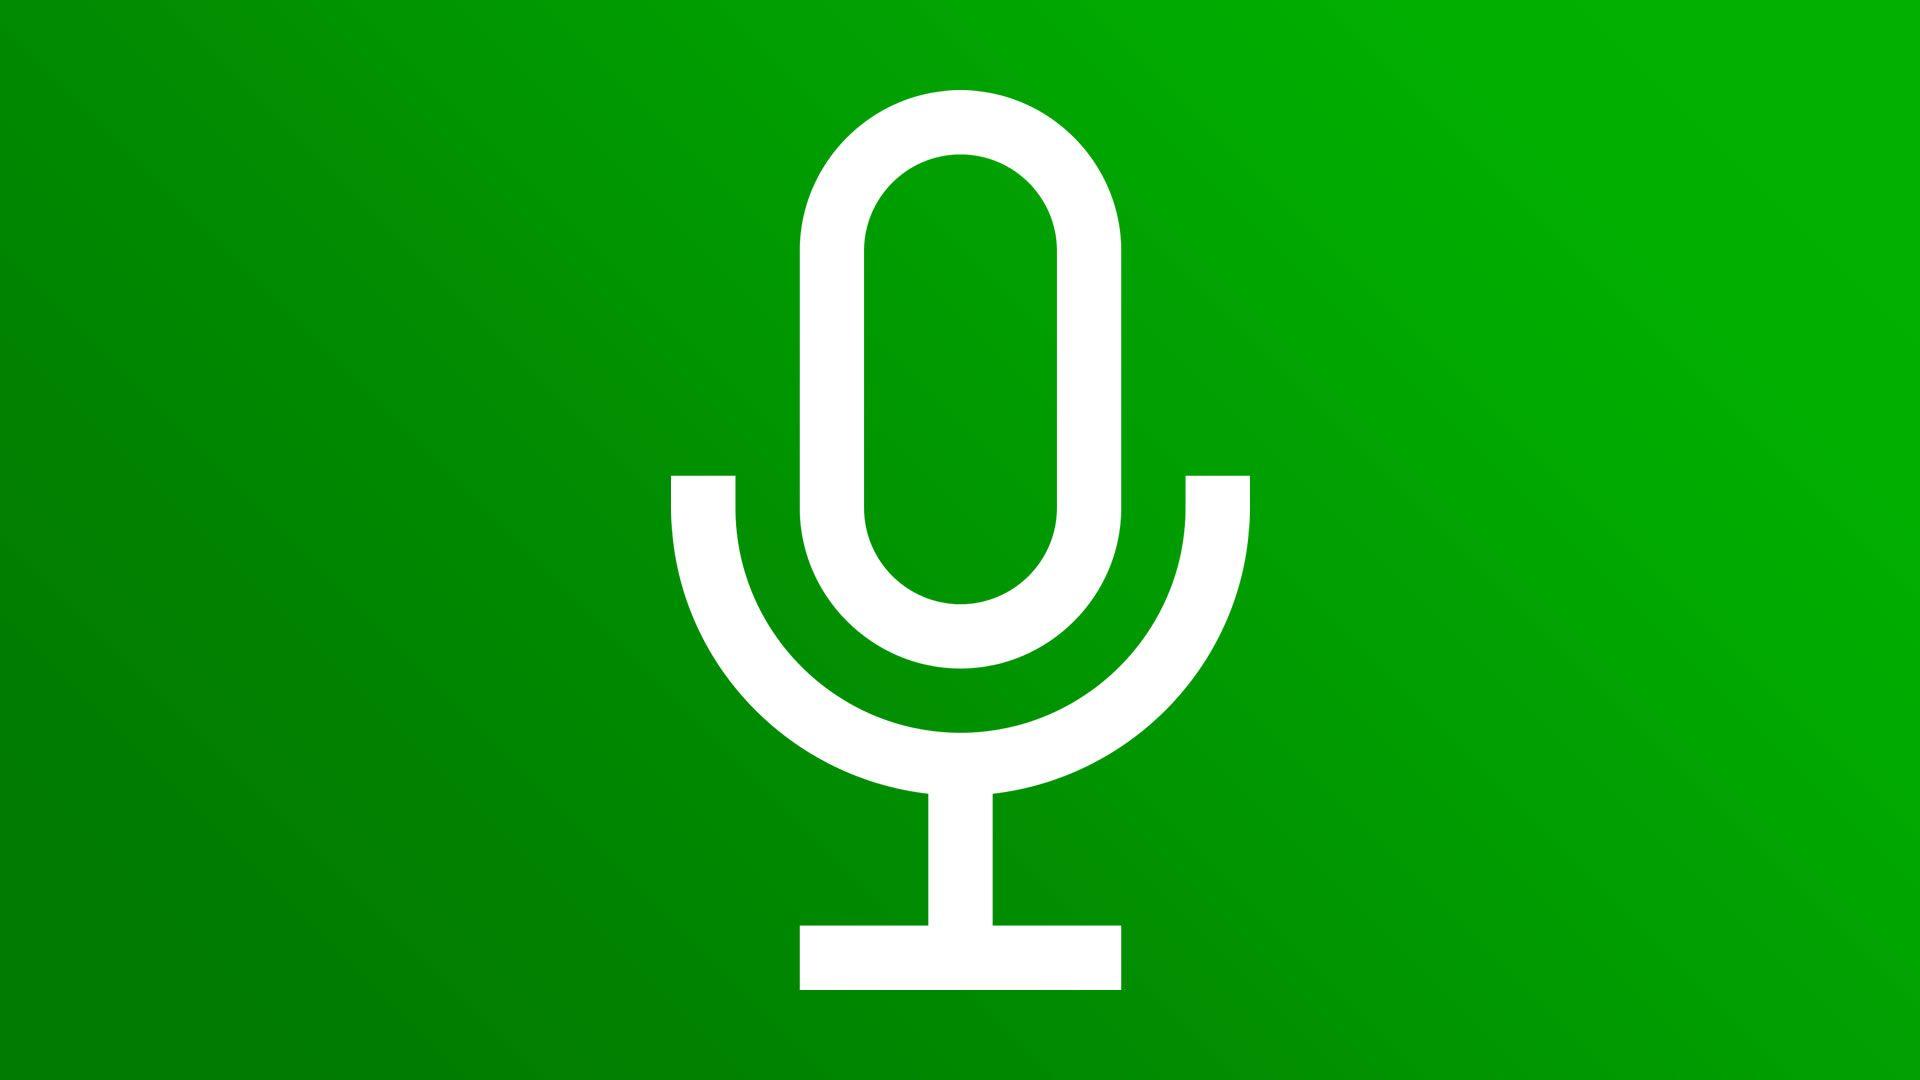 Ya se pueden mandar audios sin mantener el micrófono presionado en WhatsApp